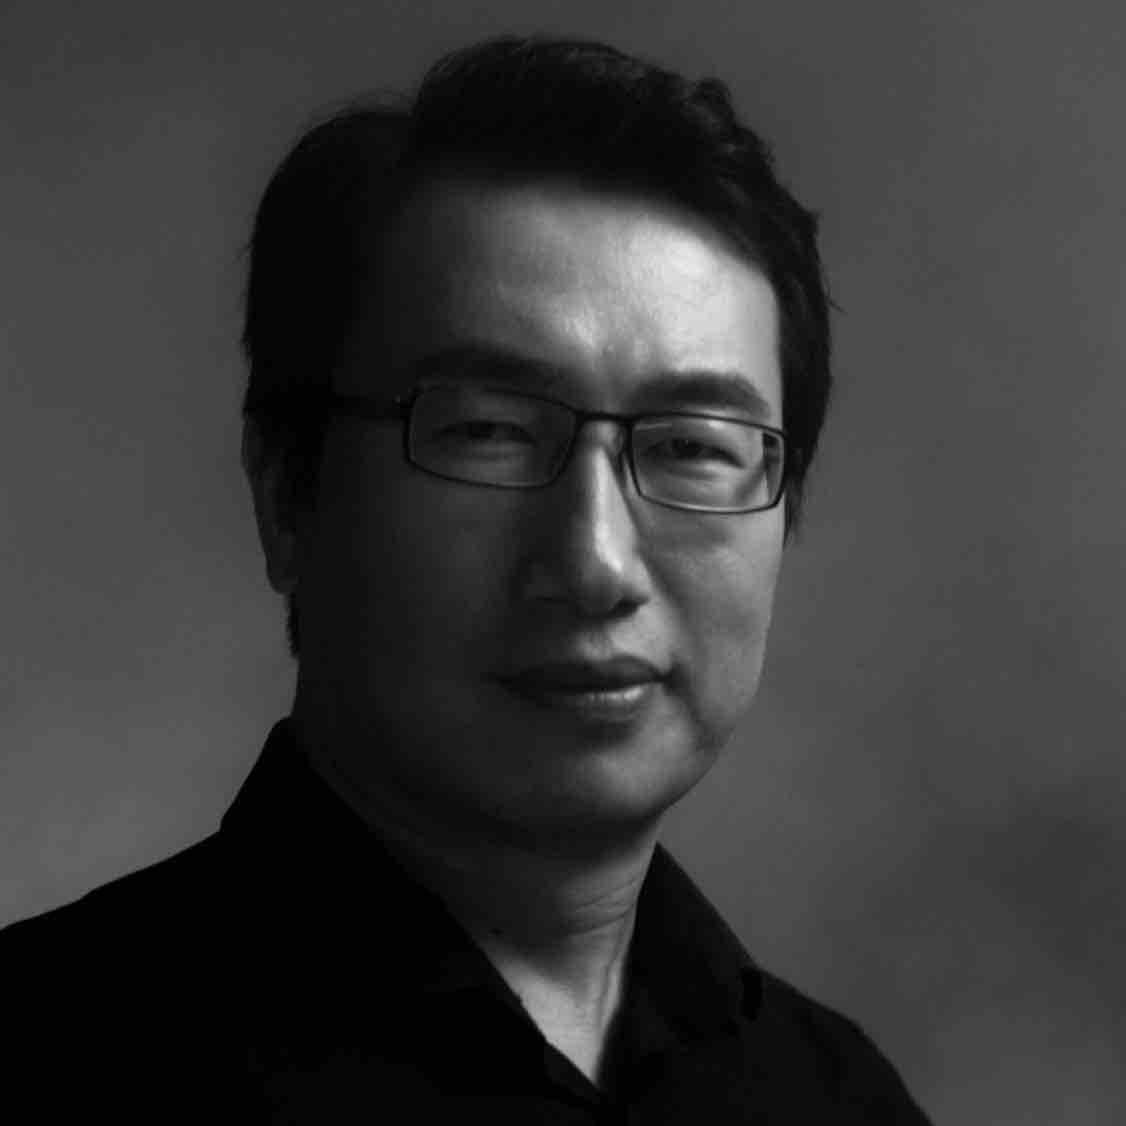 赵春梁导演